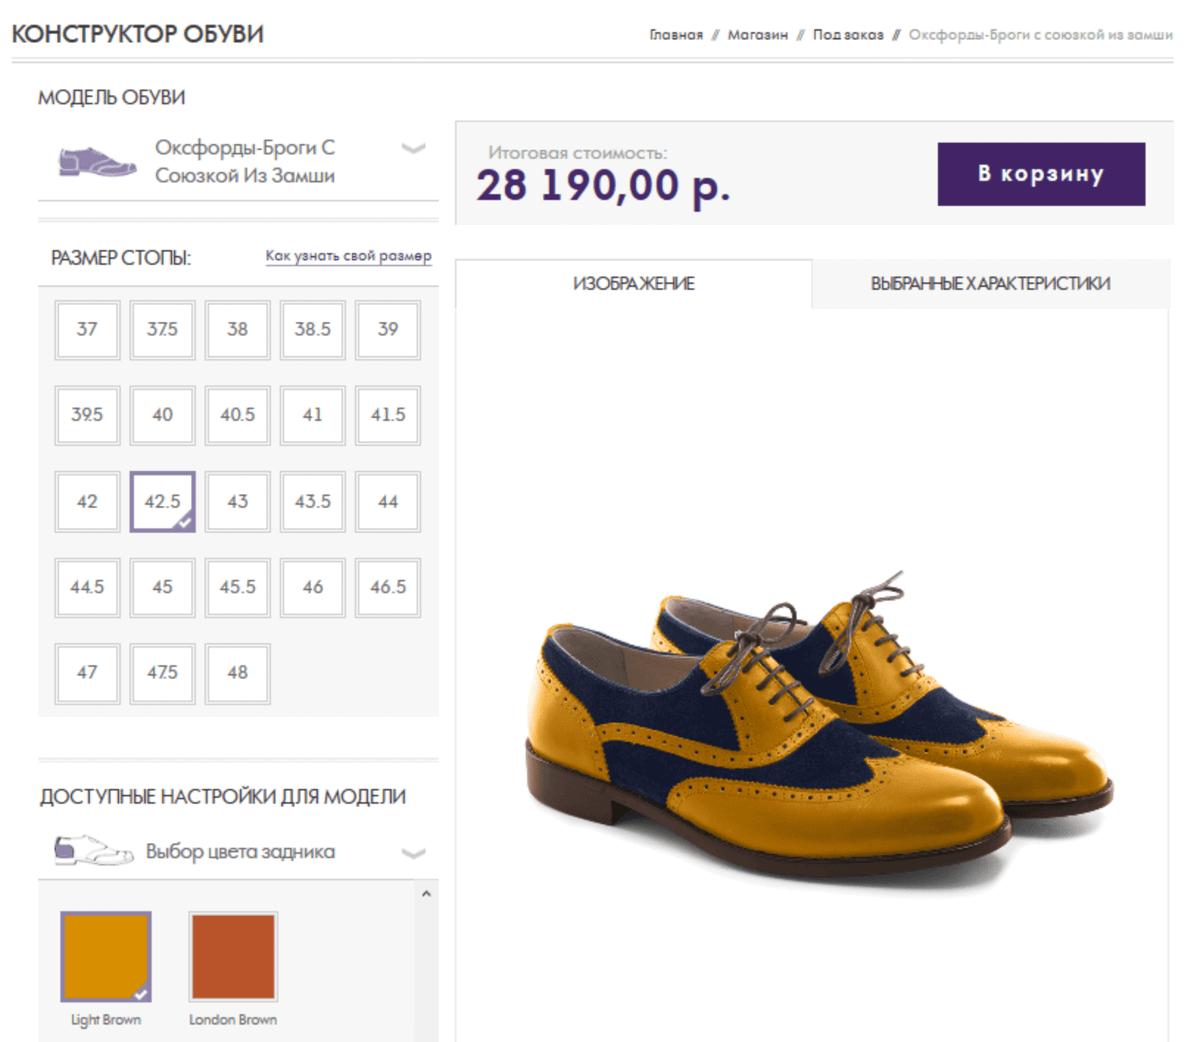 В конструкторе можно выбрать модель, подошву и цвета — верха, шнурков и подошвы